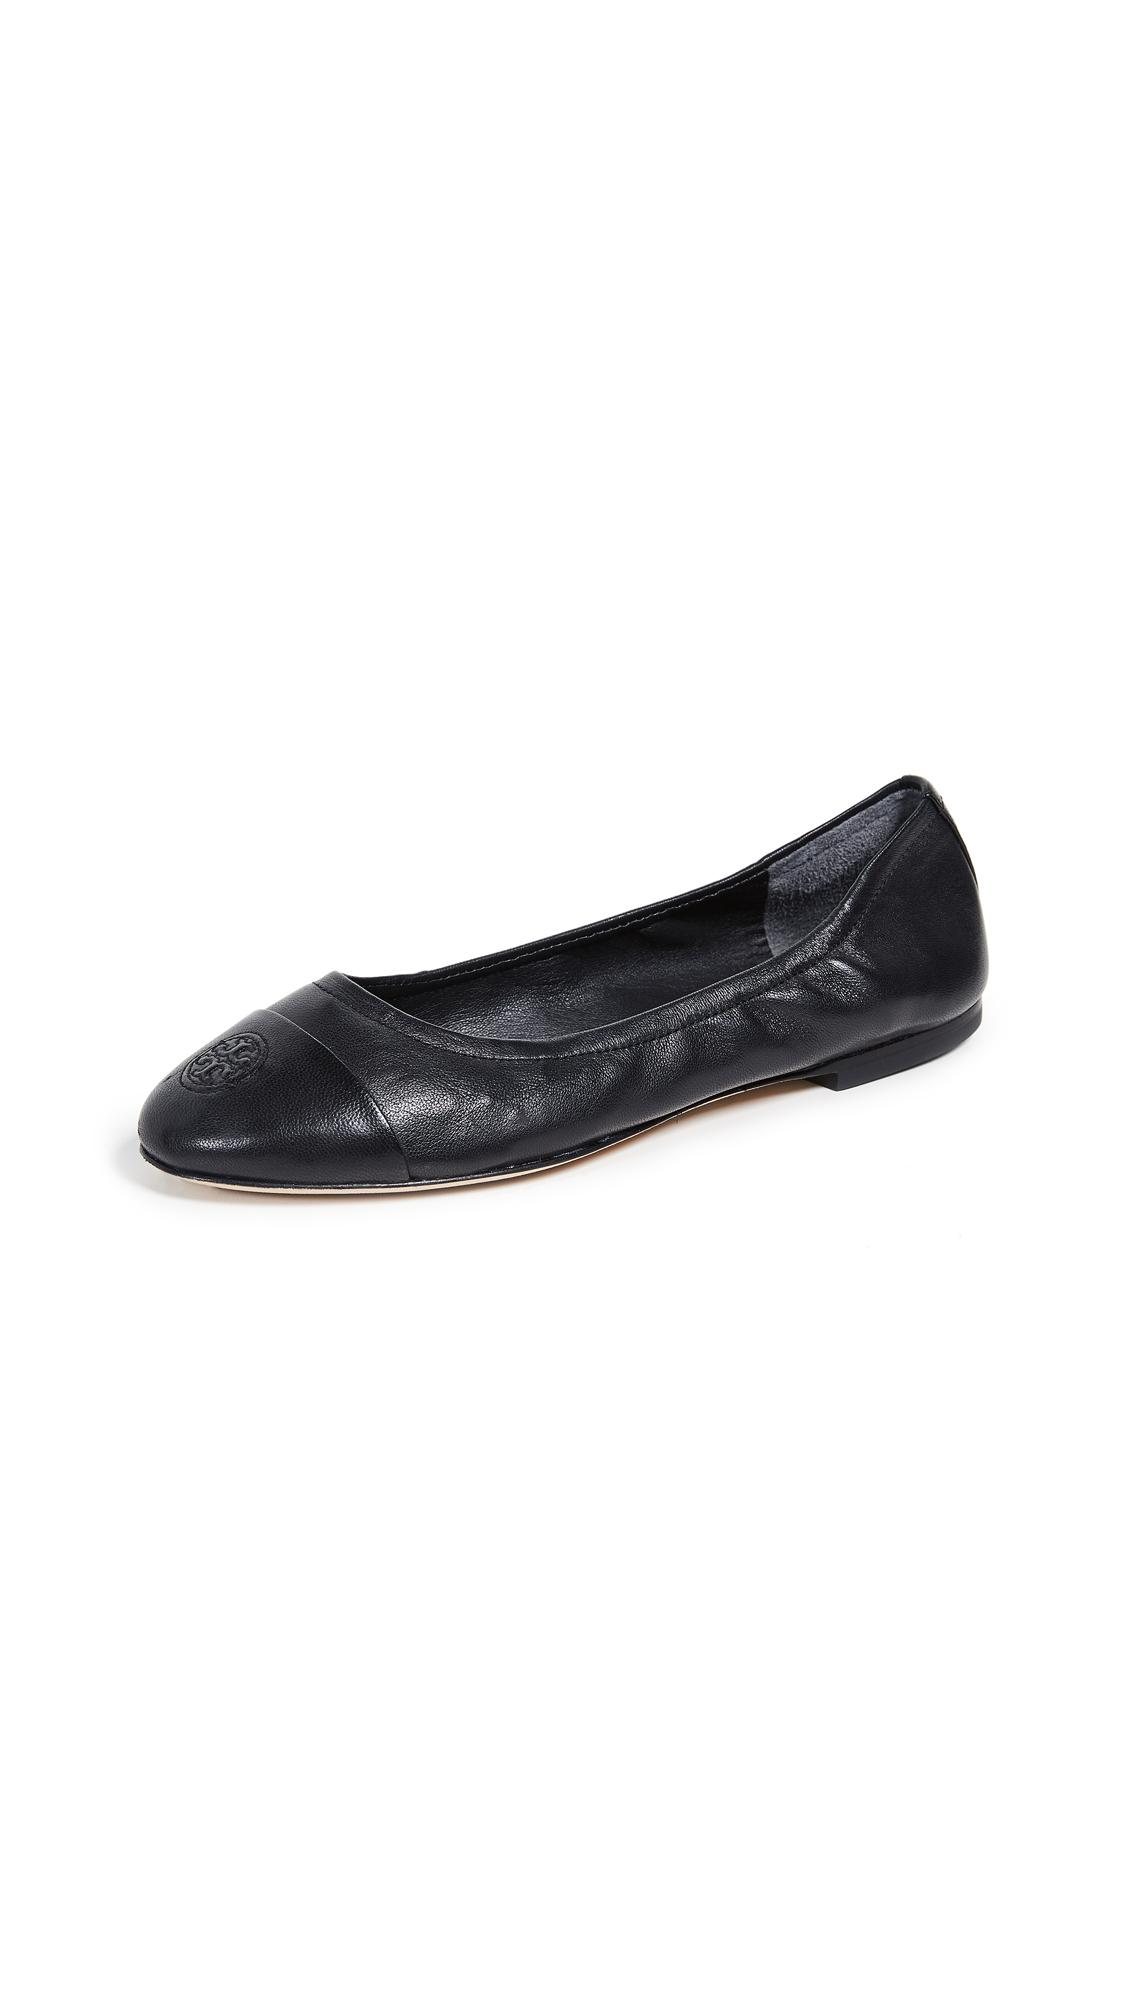 Tory Burch Cap Toe Ballet Flats - Black/Black